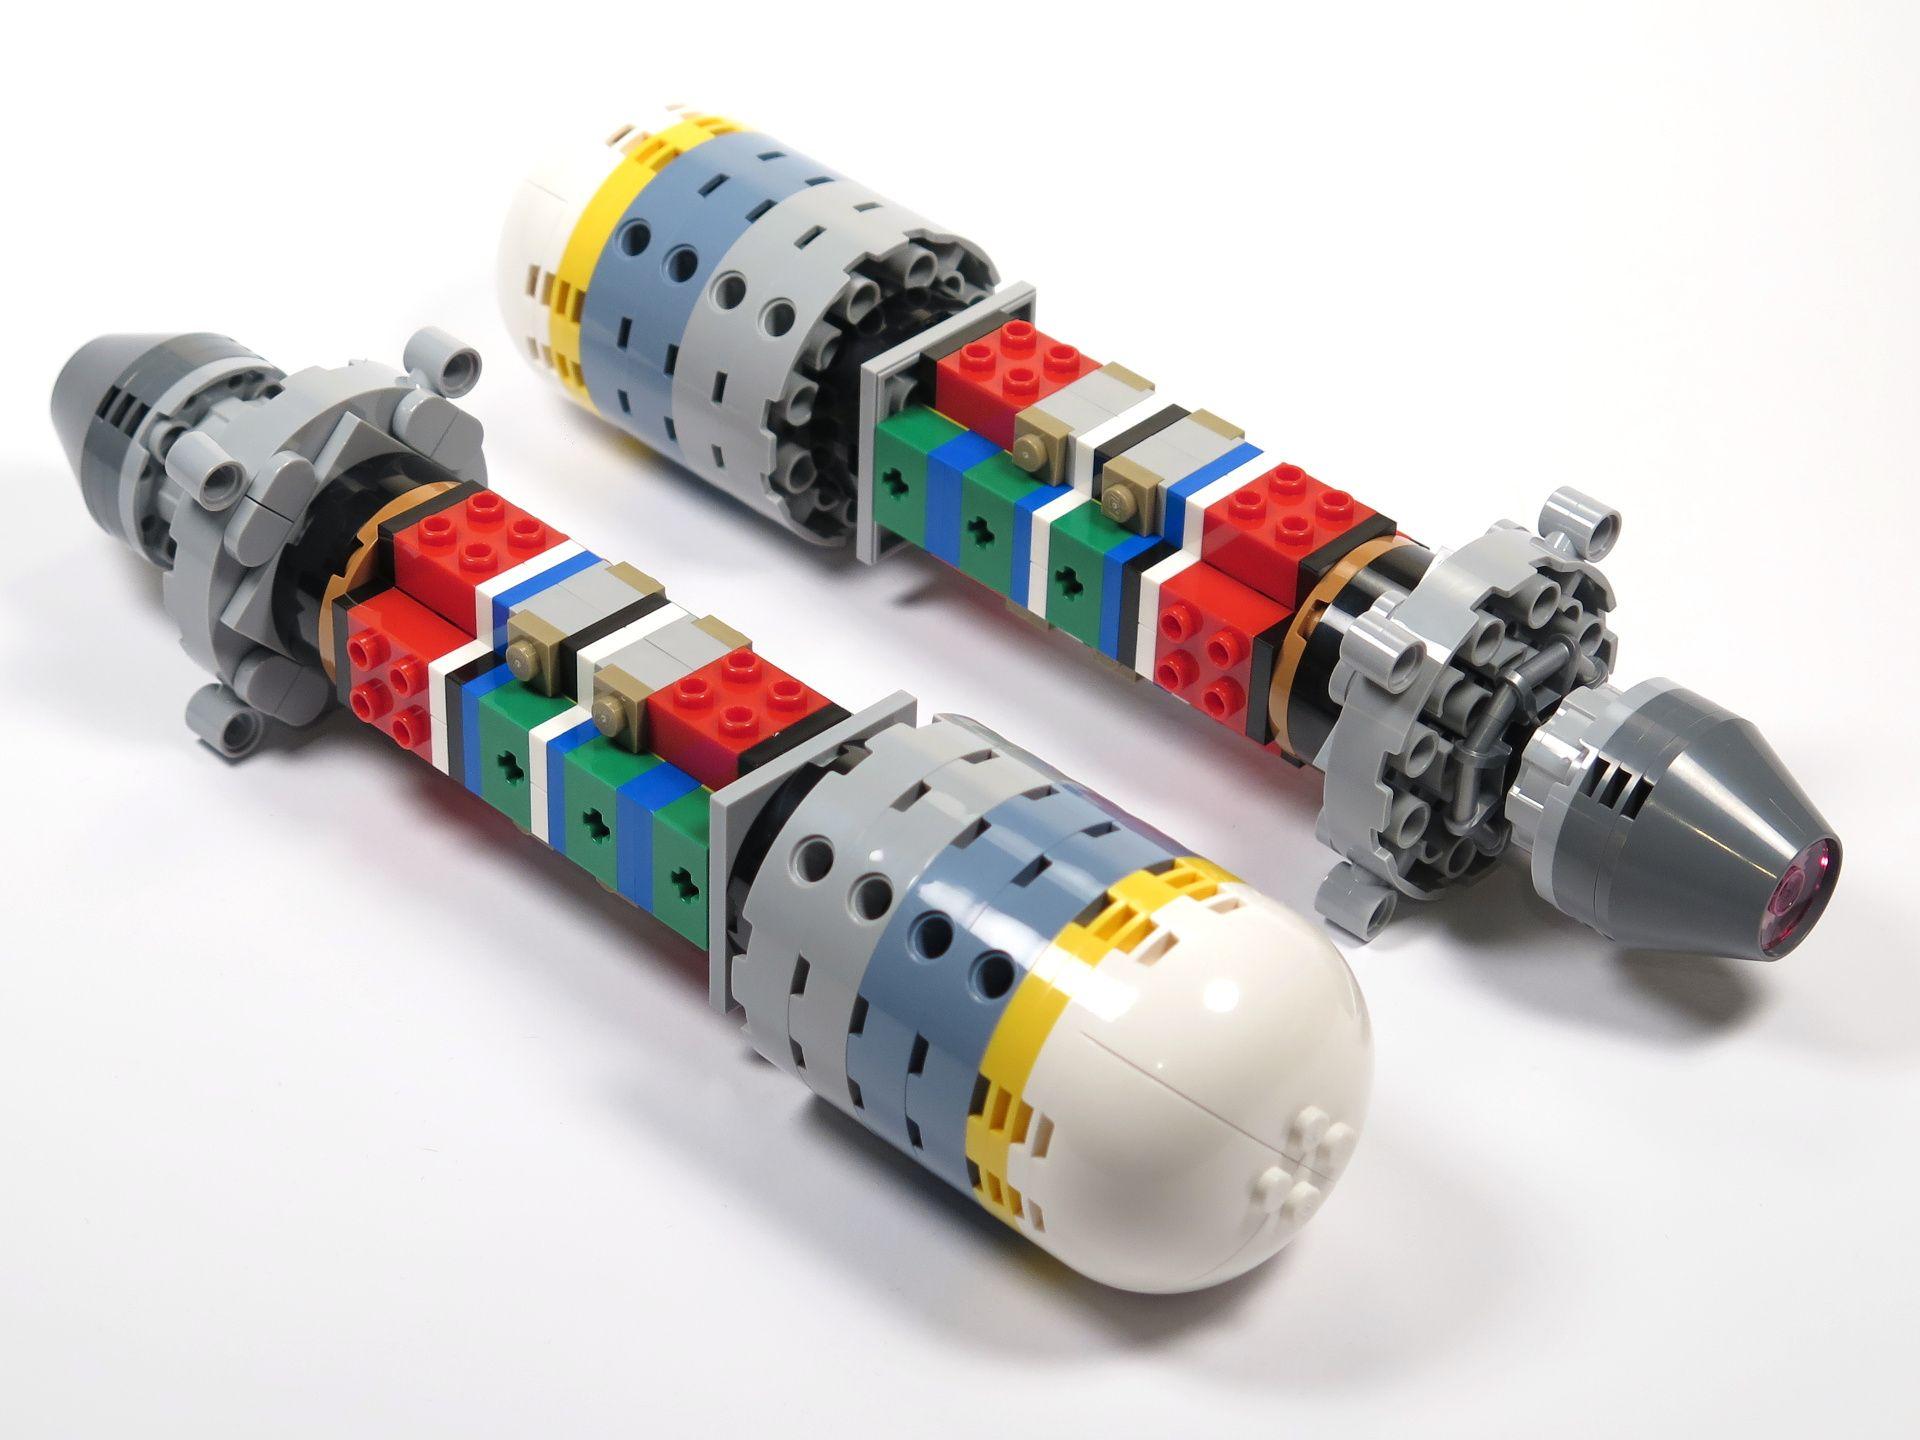 LEGO® Star Wars™ UCS Y-Wing Starfighter - Bauabschnitt 4 - Triebwerk ohne Verkleidung 2 | ©2018 Brickzeit